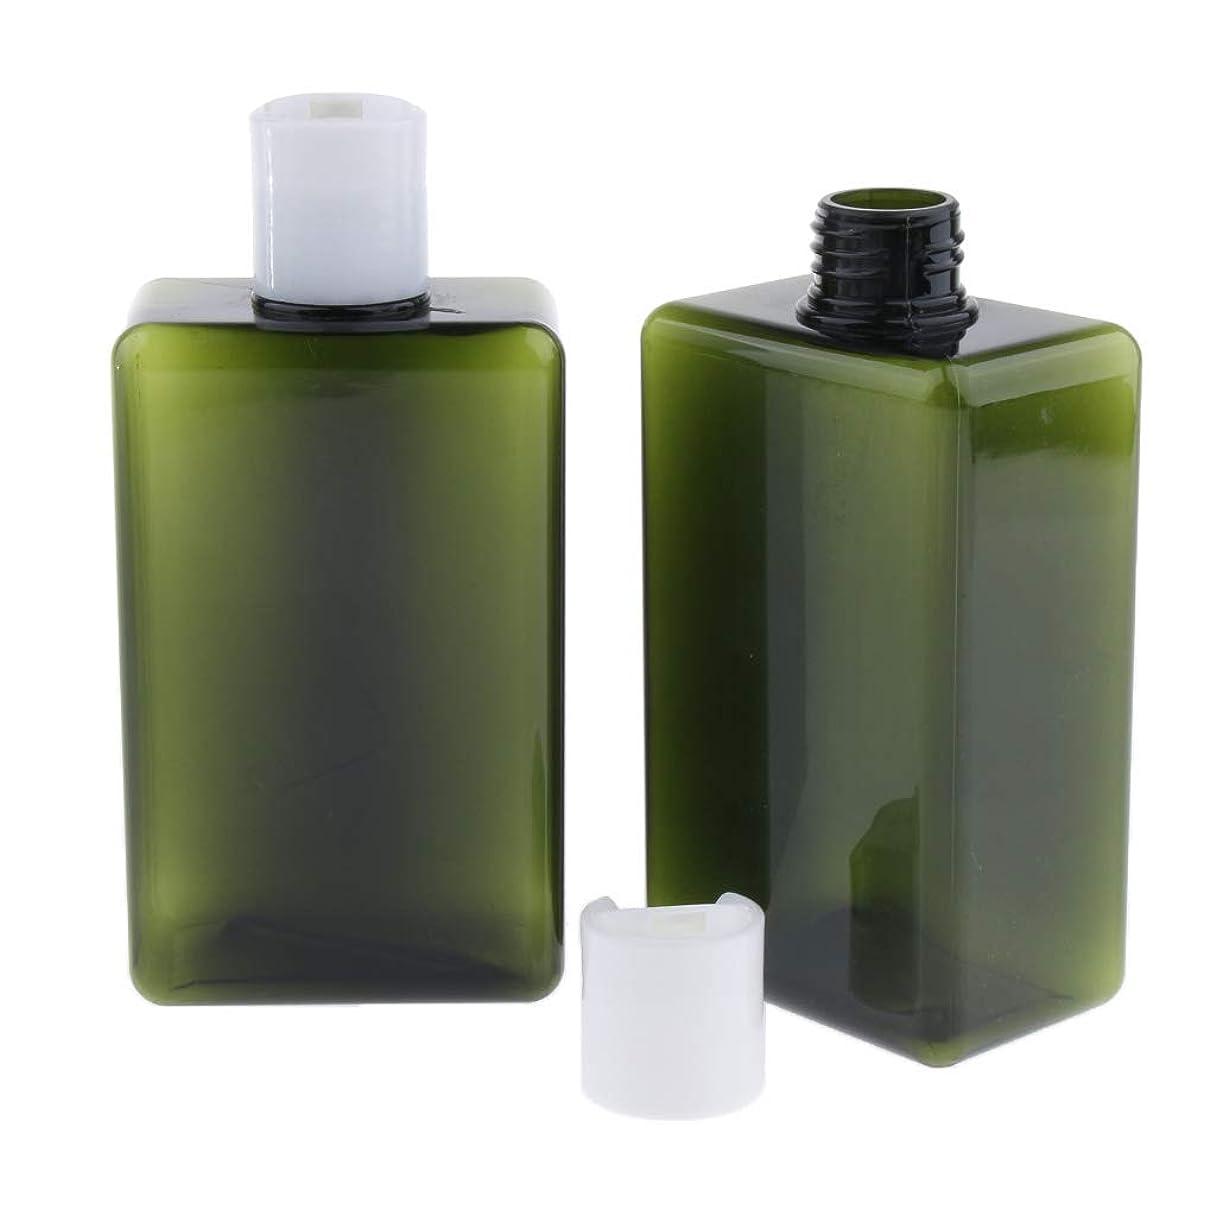 粗いのホスト正確なD DOLITY 2個 シャンプーボトル 乳液びん シャワージェル 小分け 詰め替え 300ミリ 化粧品容器 バス ホテル 旅行 - 緑